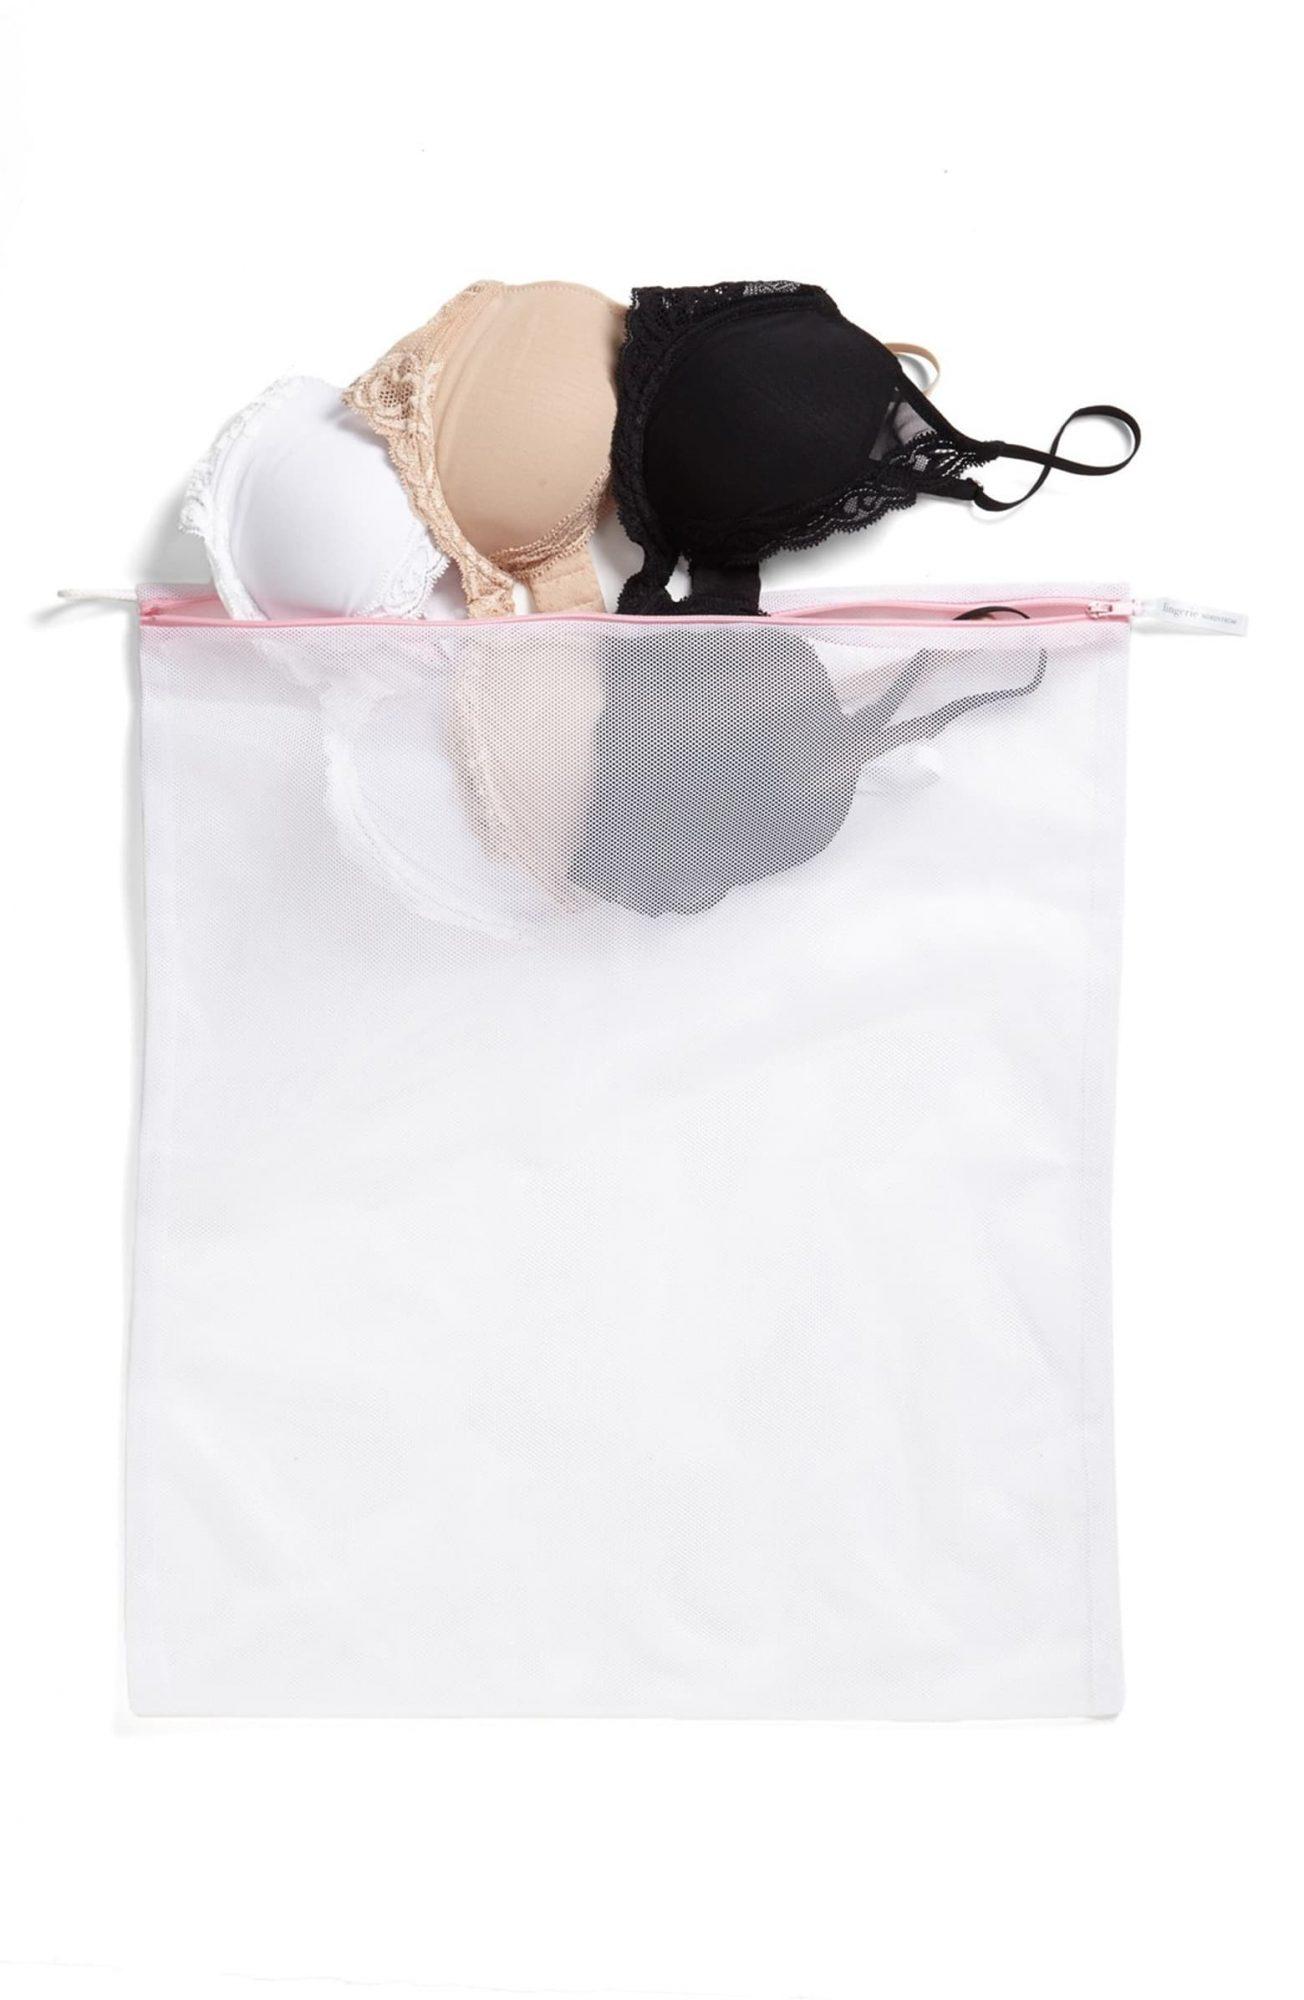 nordstrom mesh laundry bag for lingerie